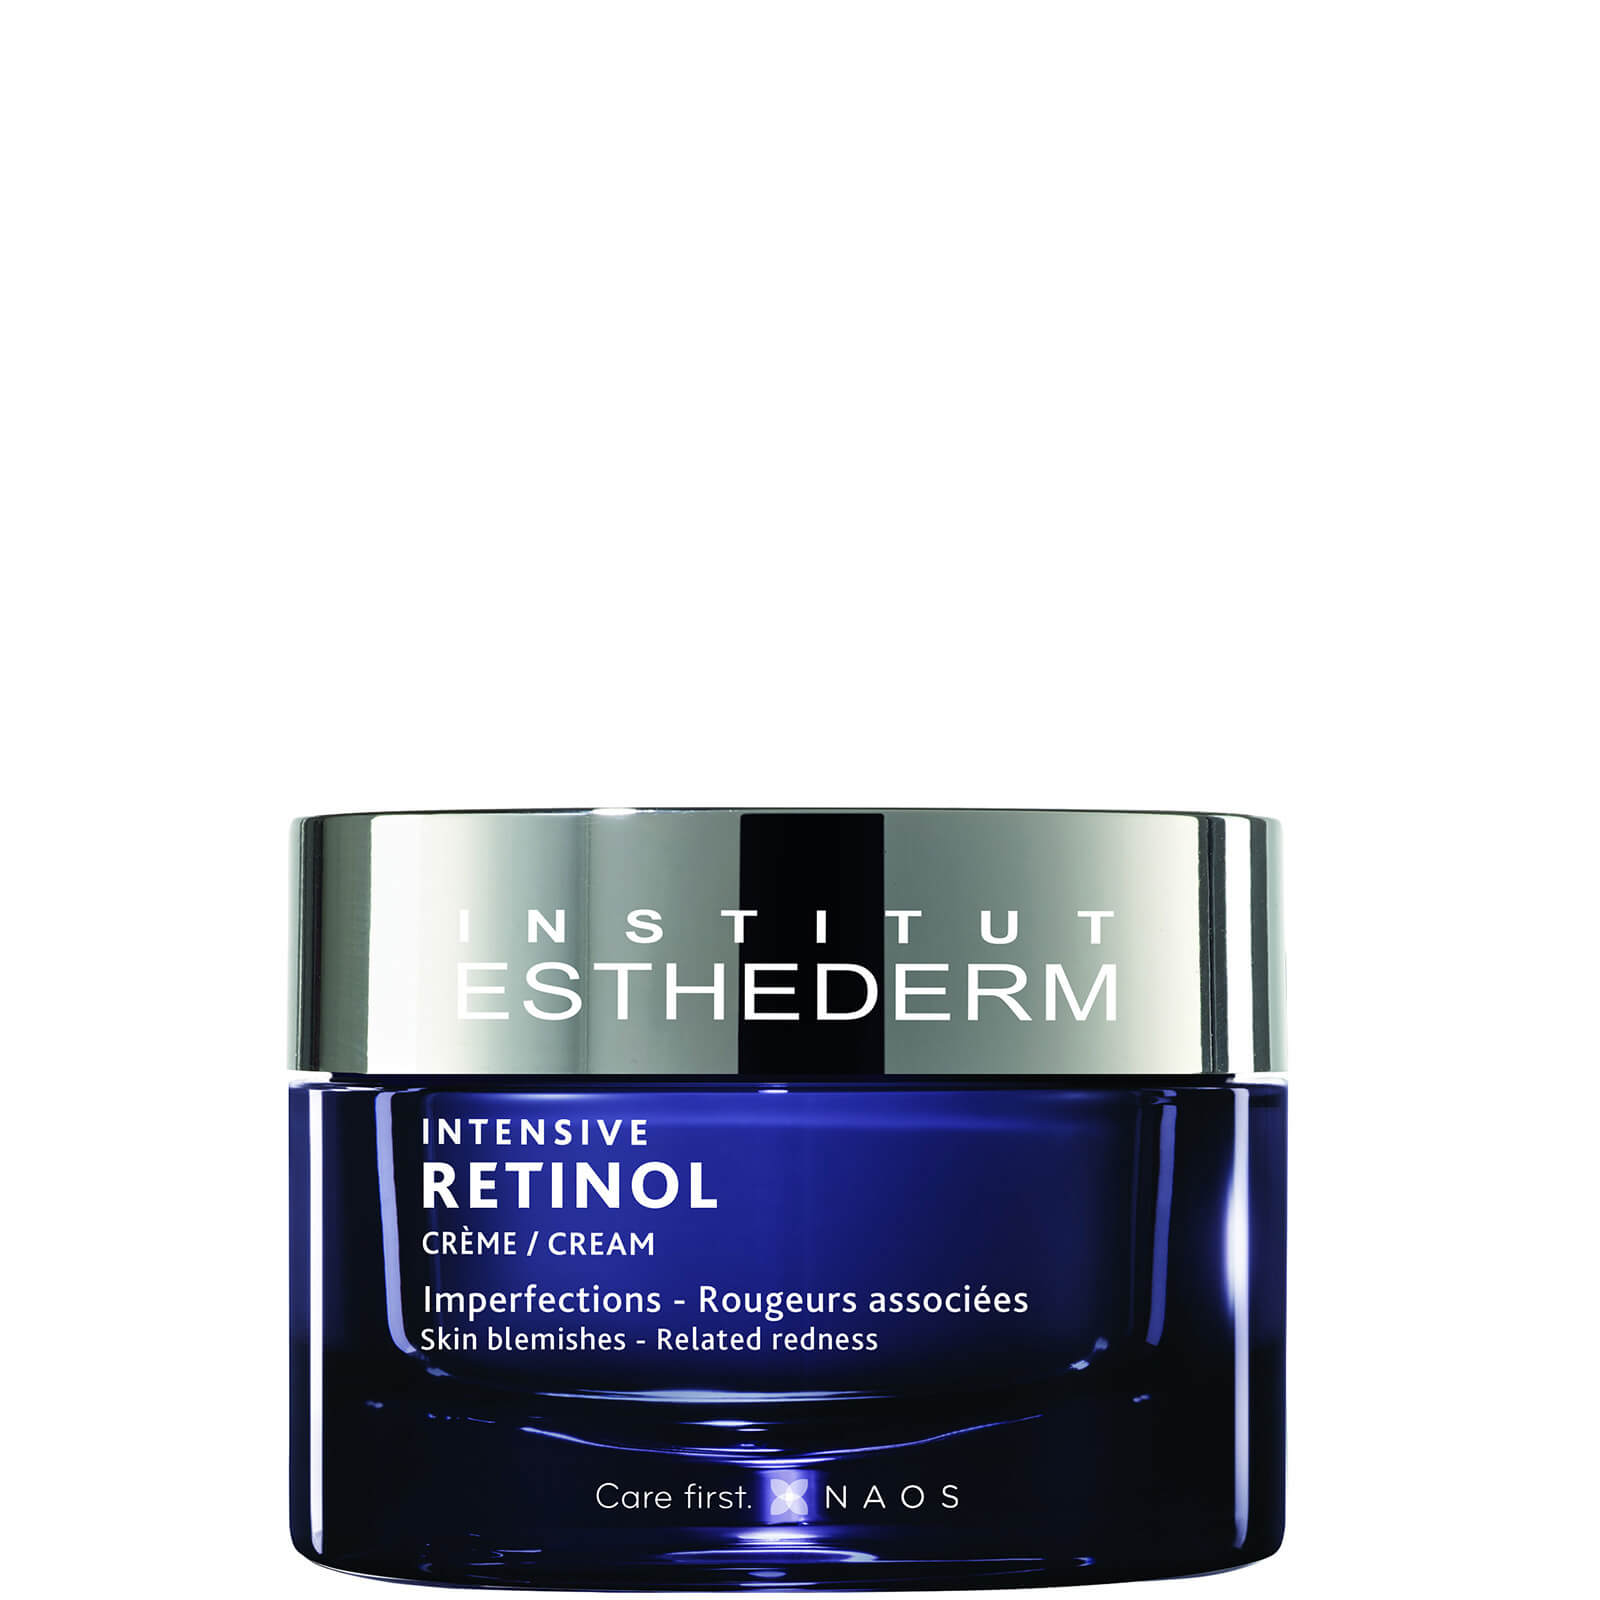 Institut Esthederm Intensive Retinol Face Cream 50ml